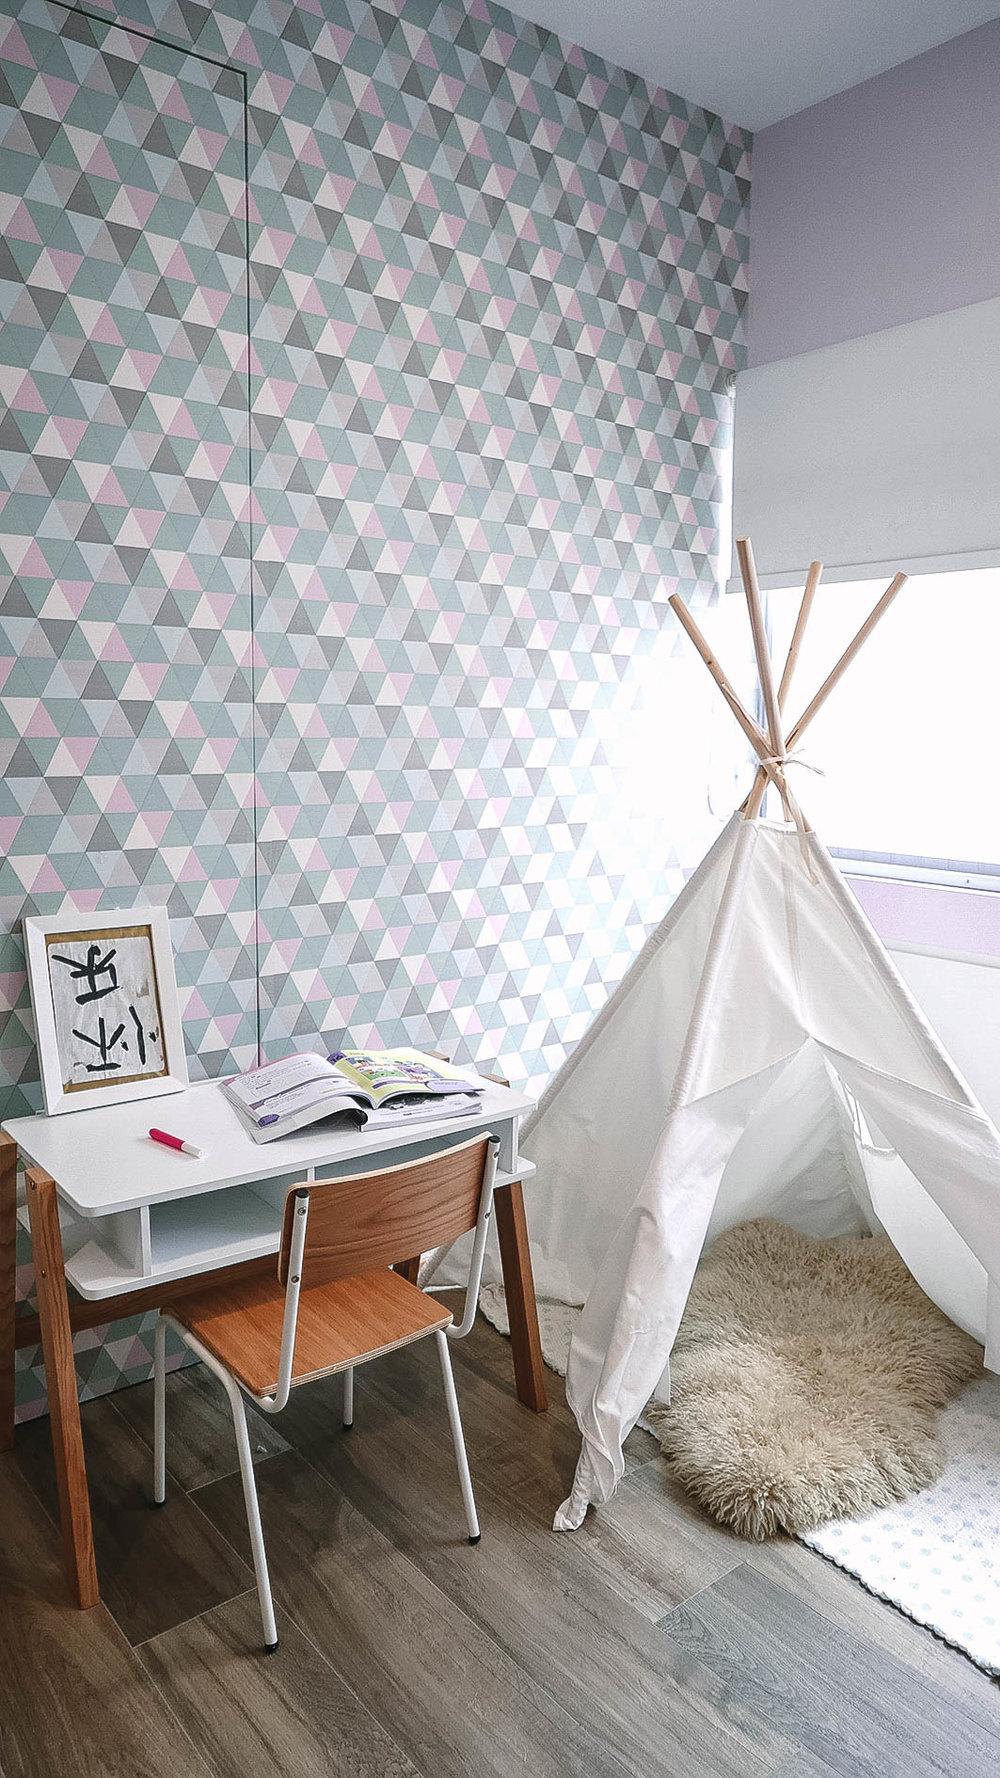 Cool Kids Room Teepee Play Area